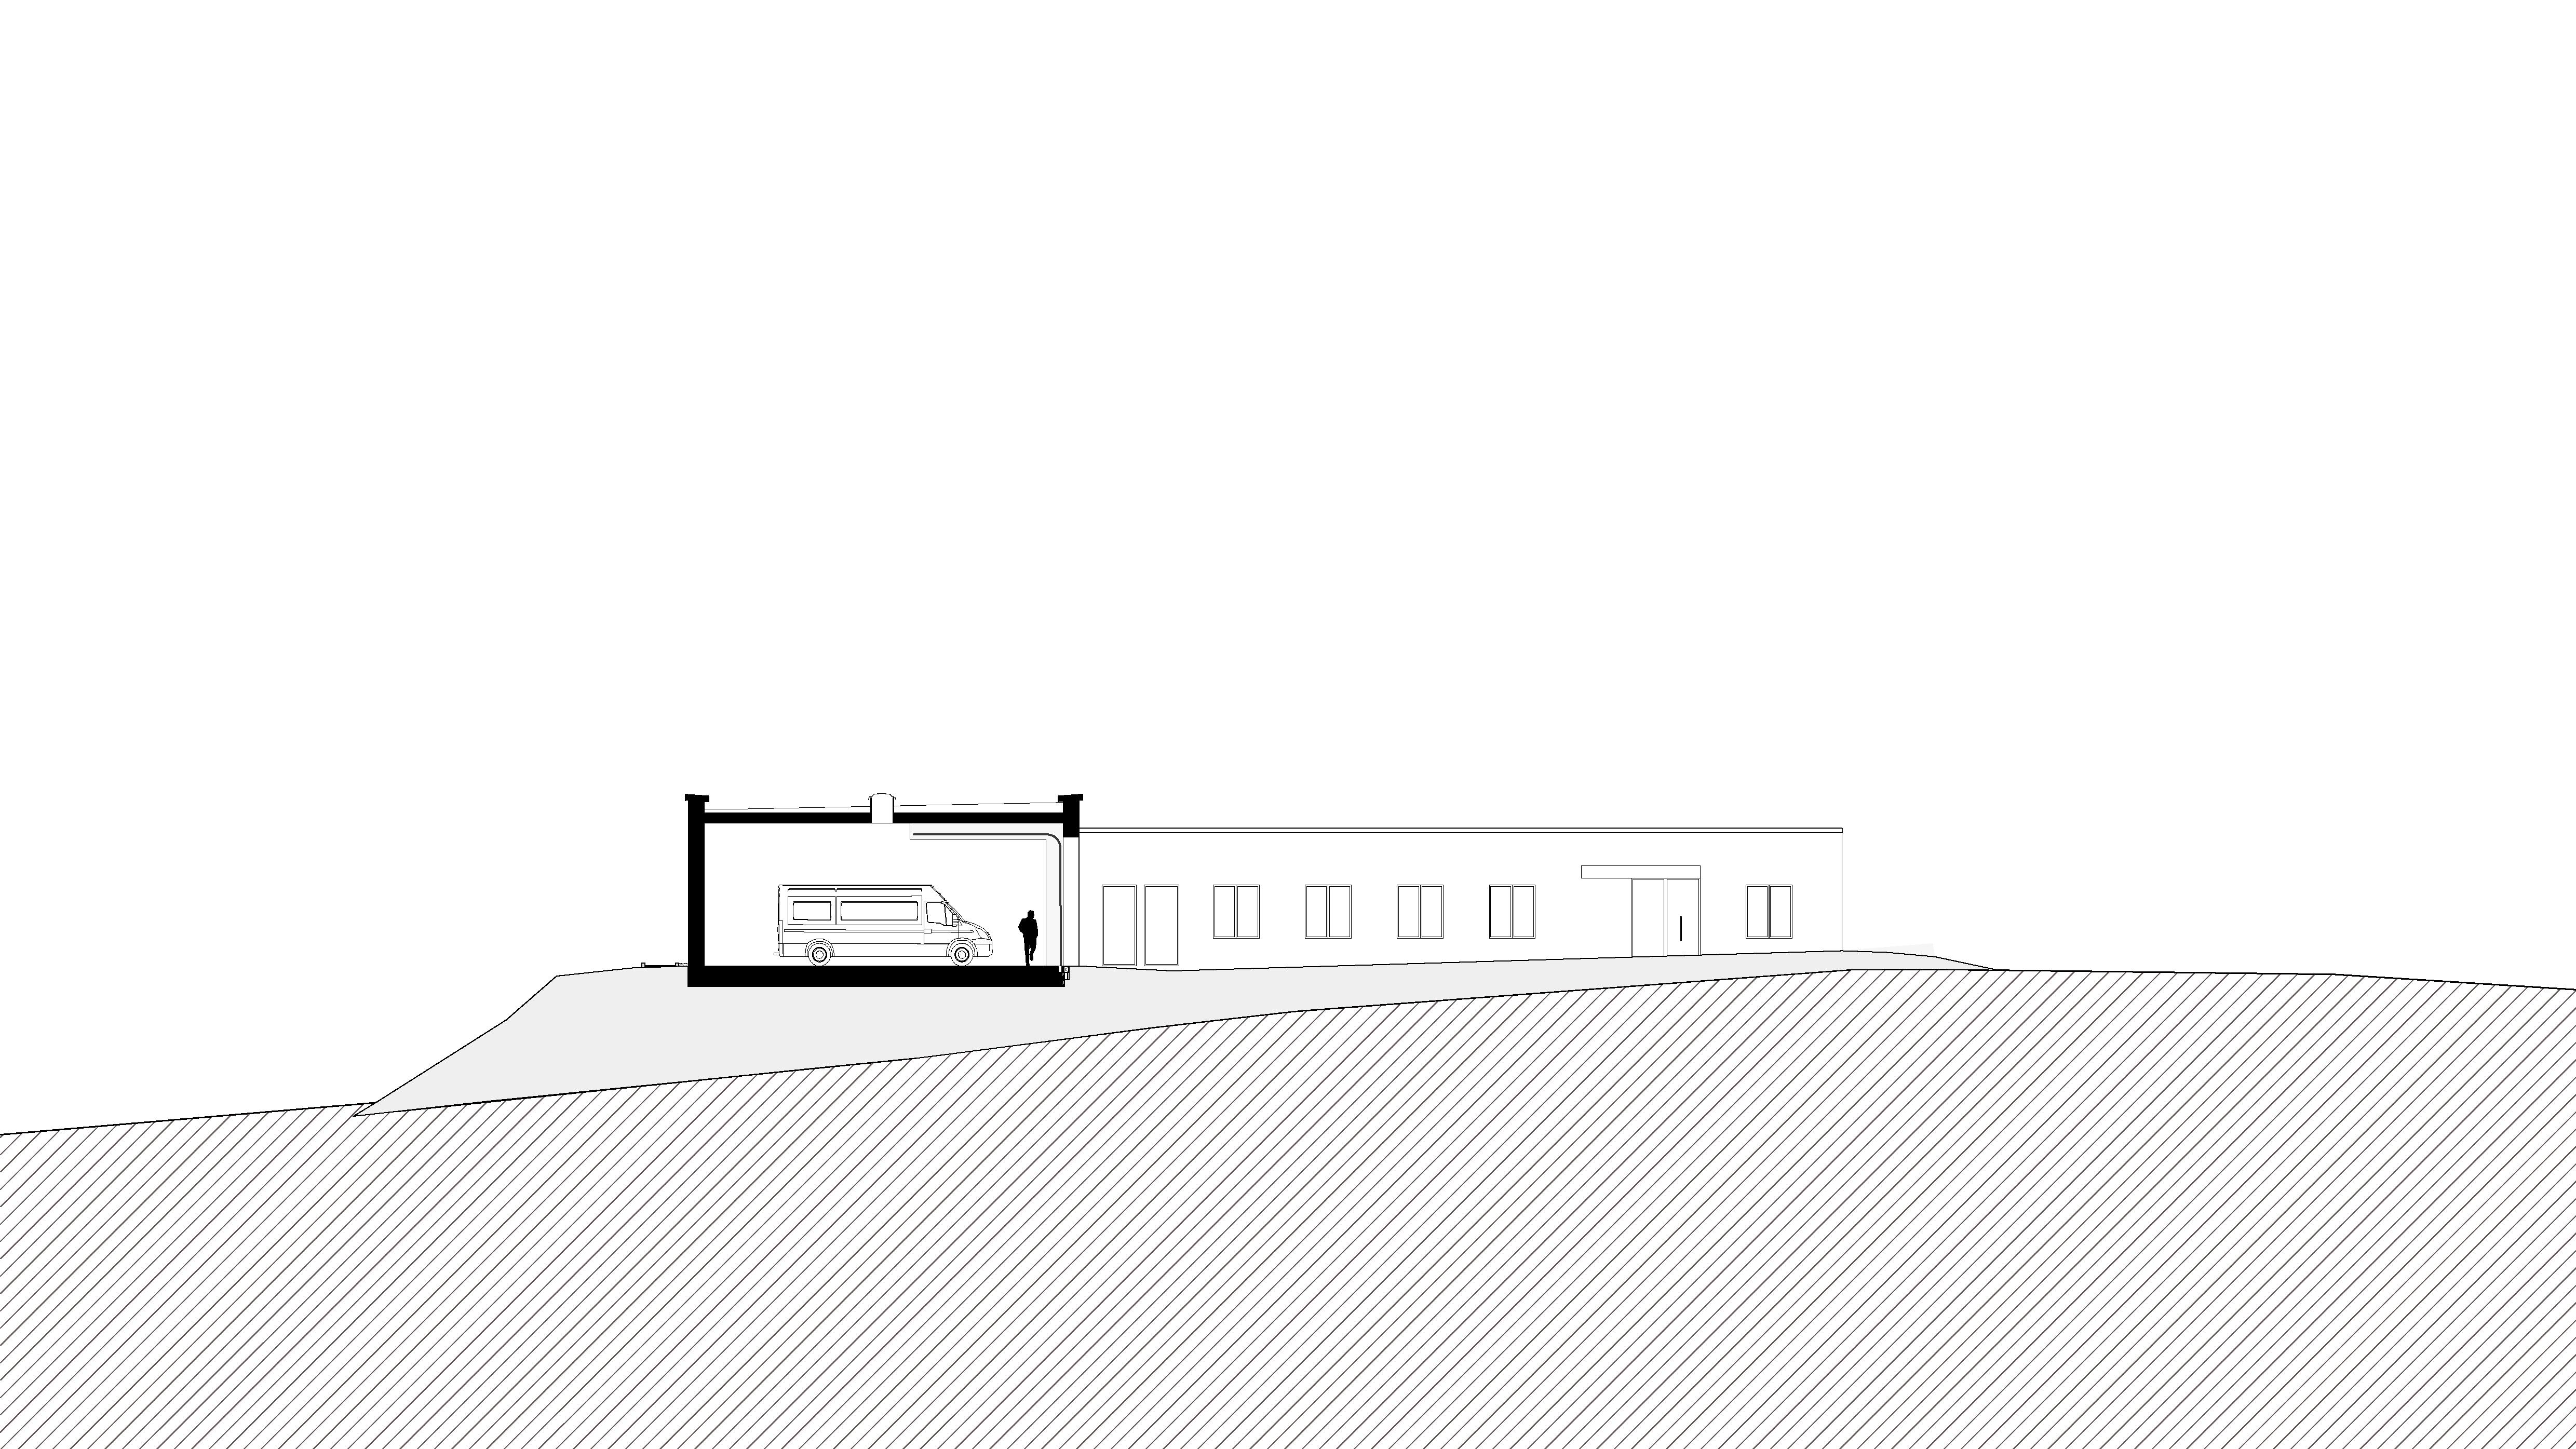 Rettungswache Much, Koenigs Rütter Architekten - Architekt Bonn